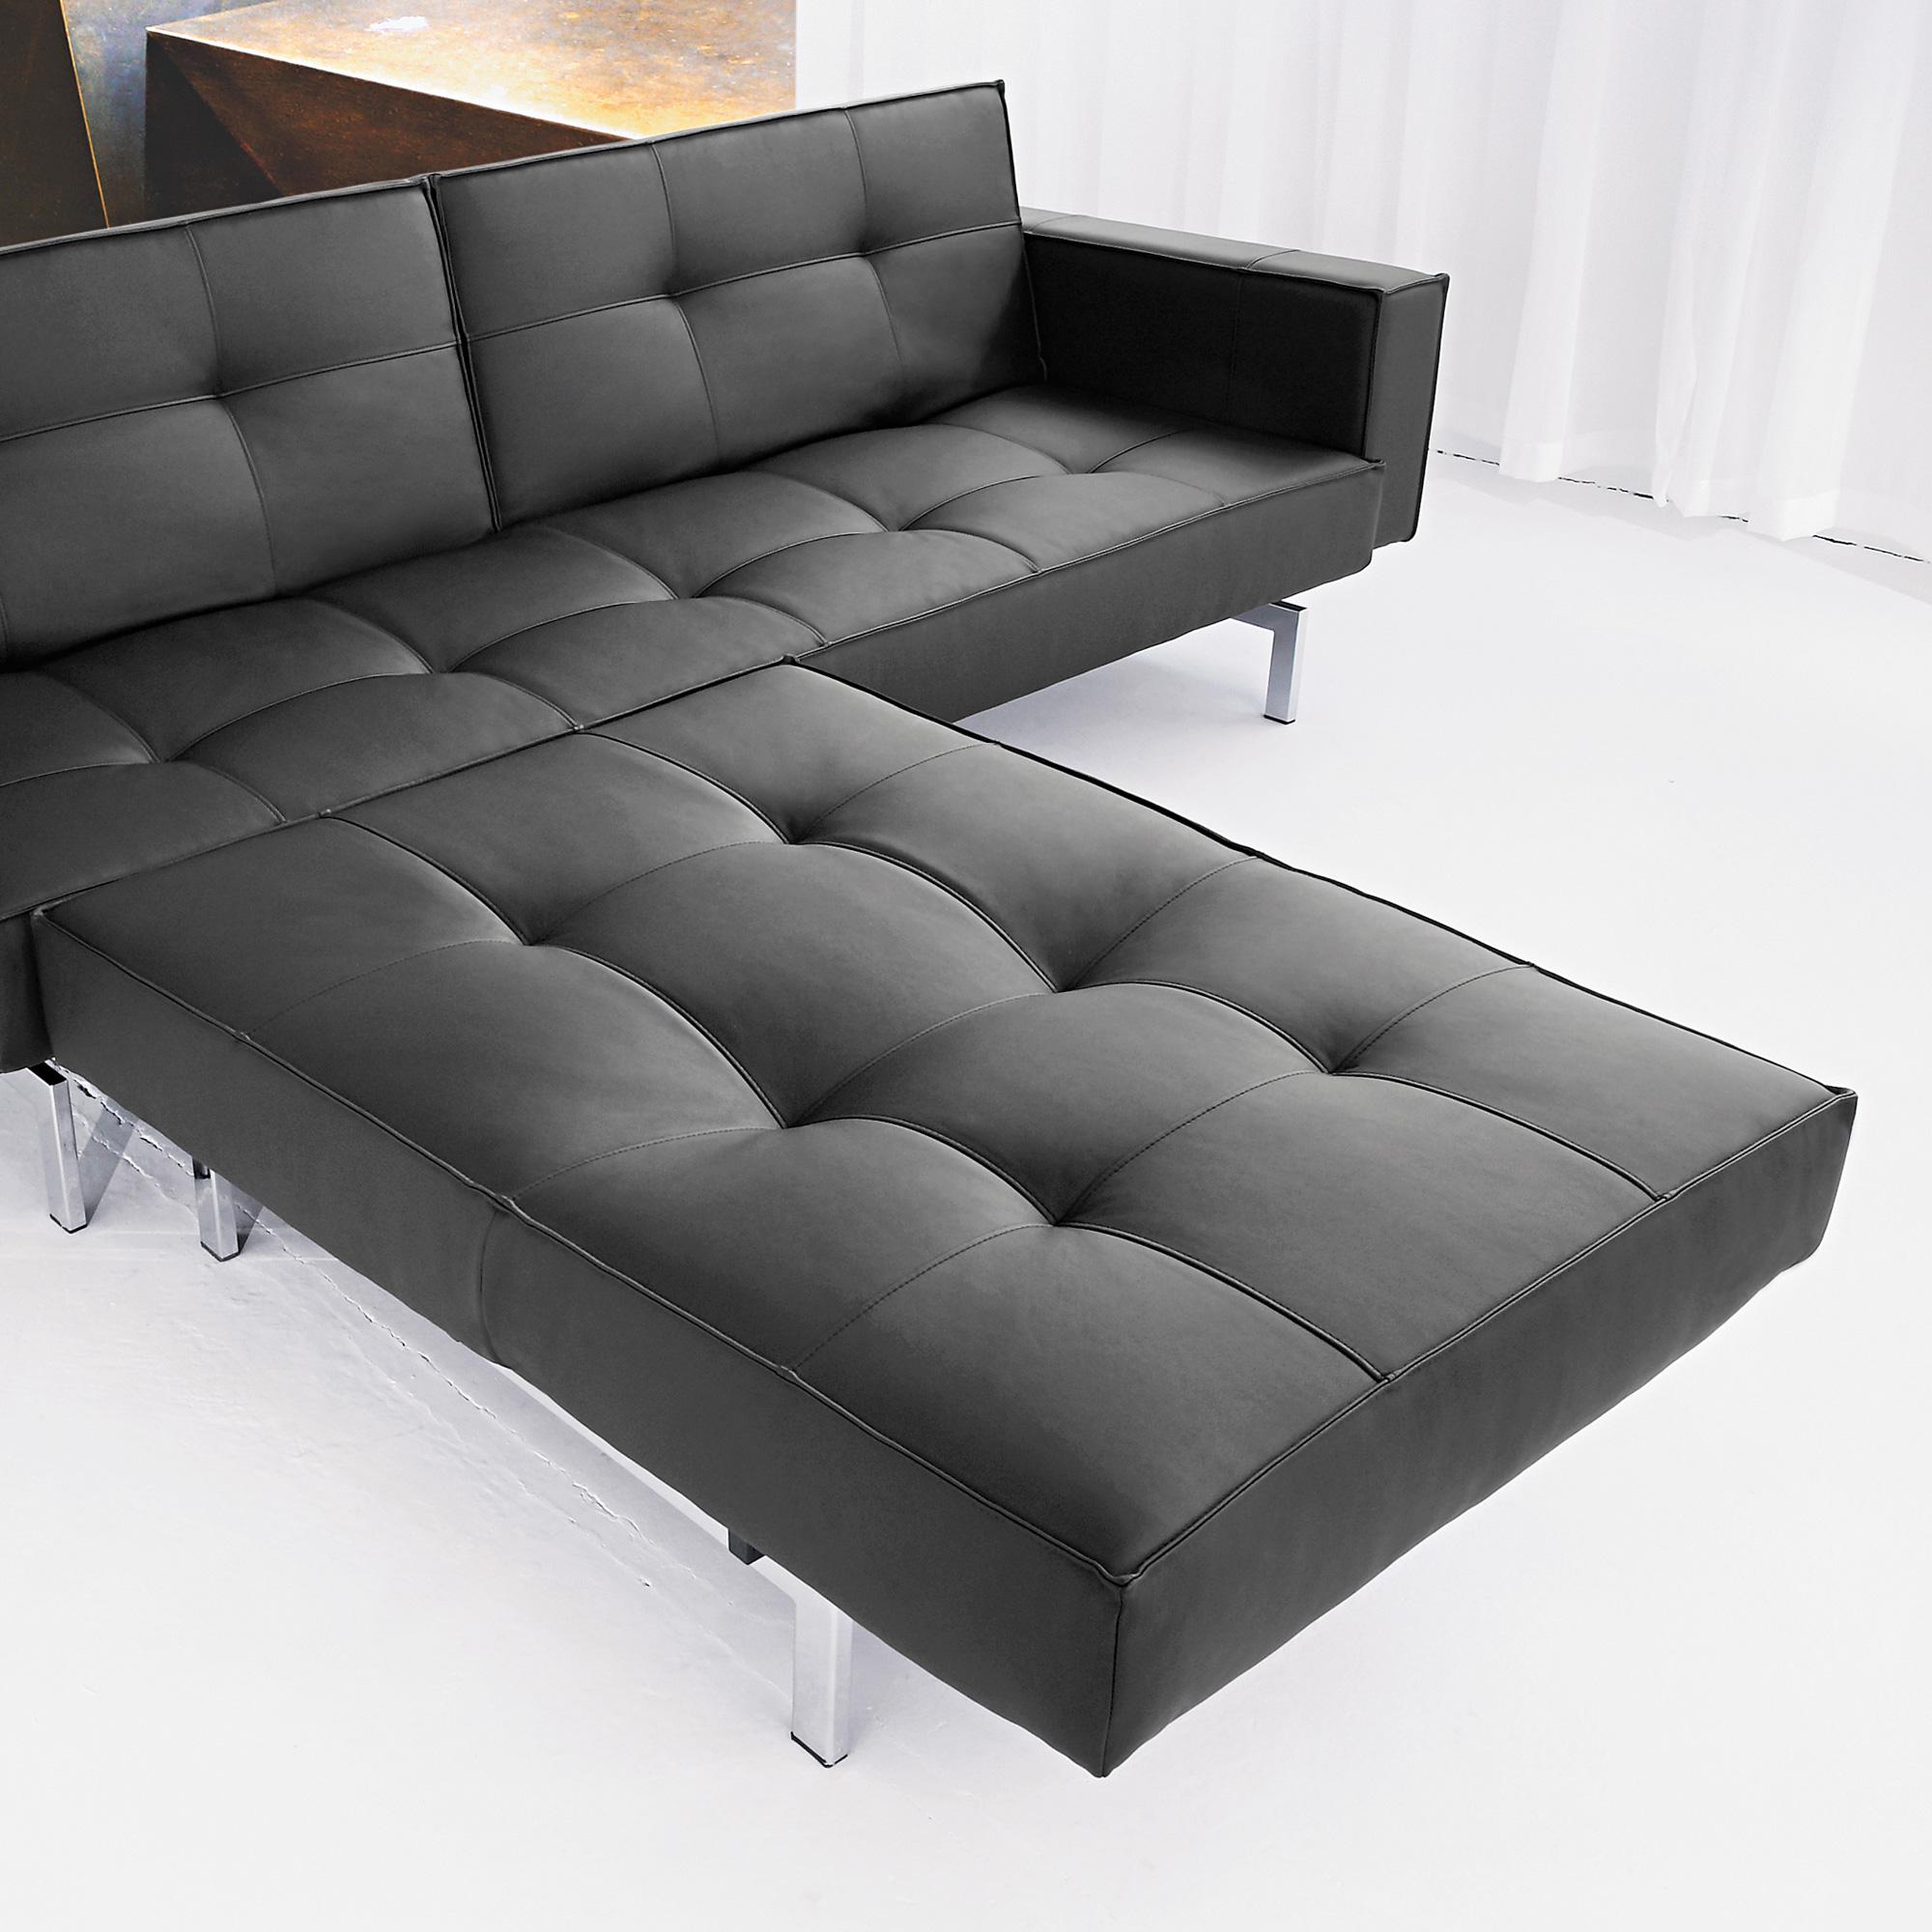 innovation splitback sessel 94 741011582 0 2 reuter. Black Bedroom Furniture Sets. Home Design Ideas